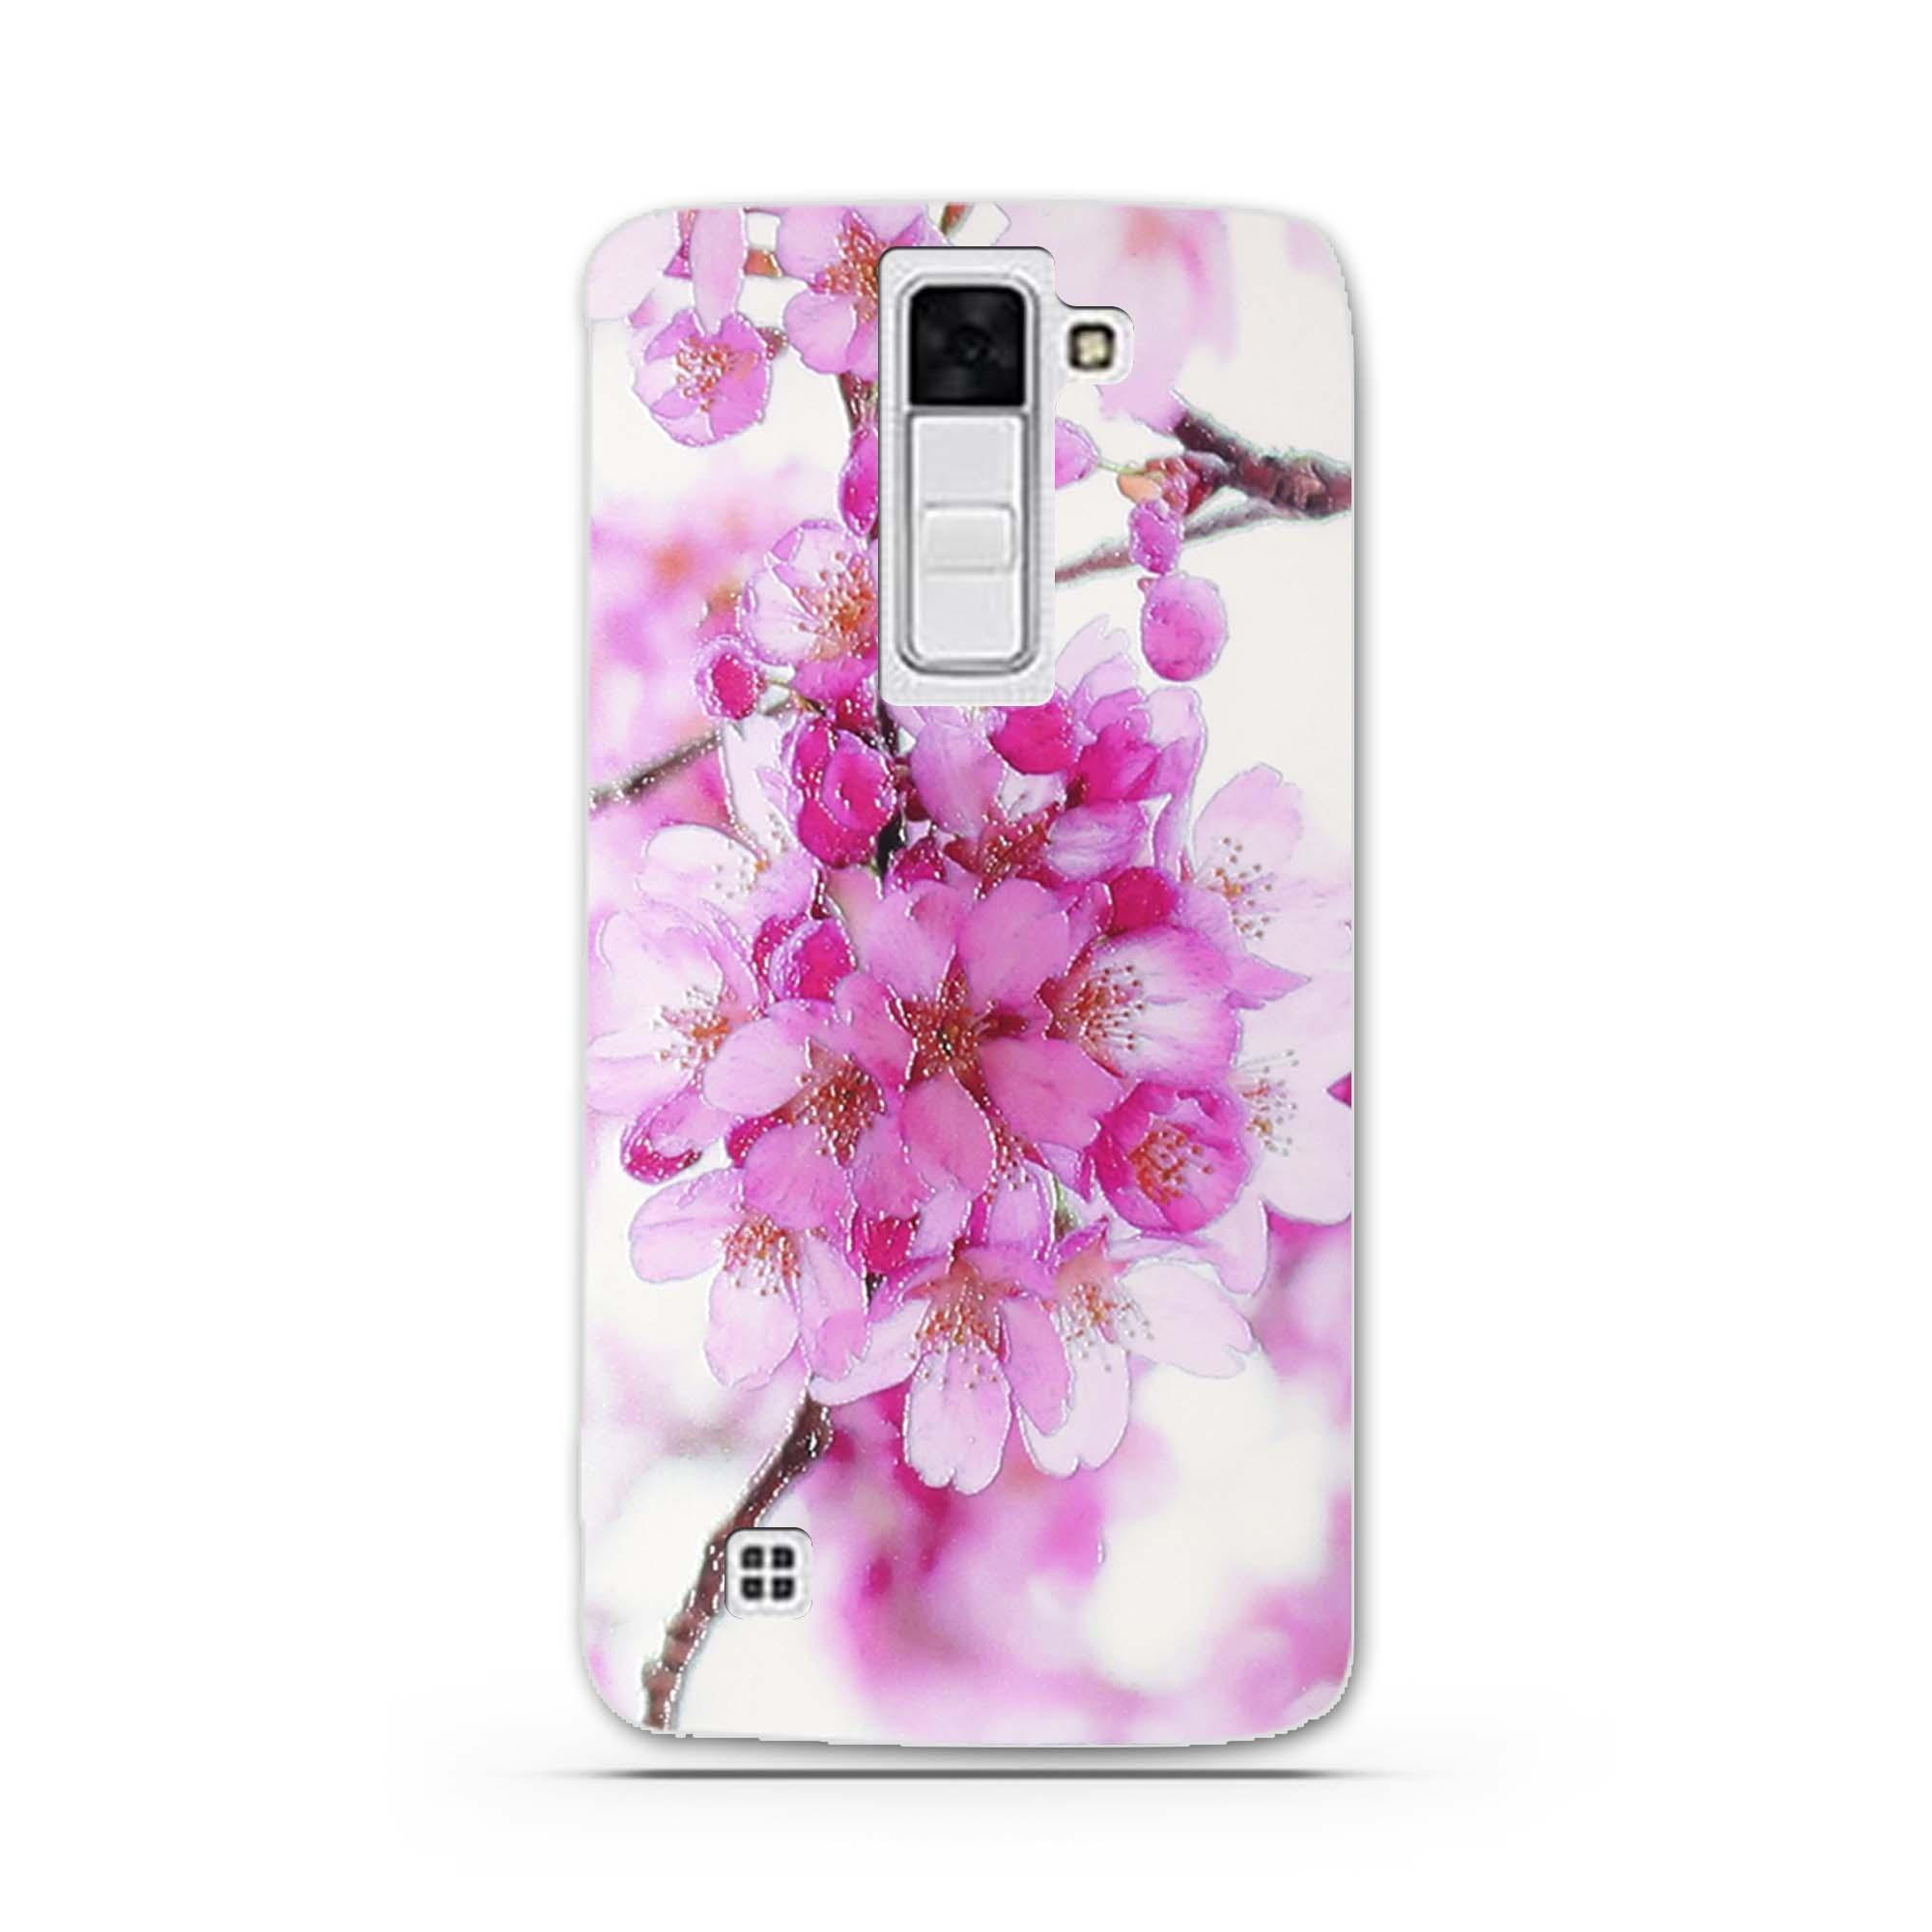 """Case Miękka TPU Luksusowe 3D Ulga Druk Pokrywy Skrzynka Dla LG K8 Lte K350 K350E K350N 5.0 """"K 8 Telefon Powrót Silicon Pokrywa Bag Sprawach 3"""